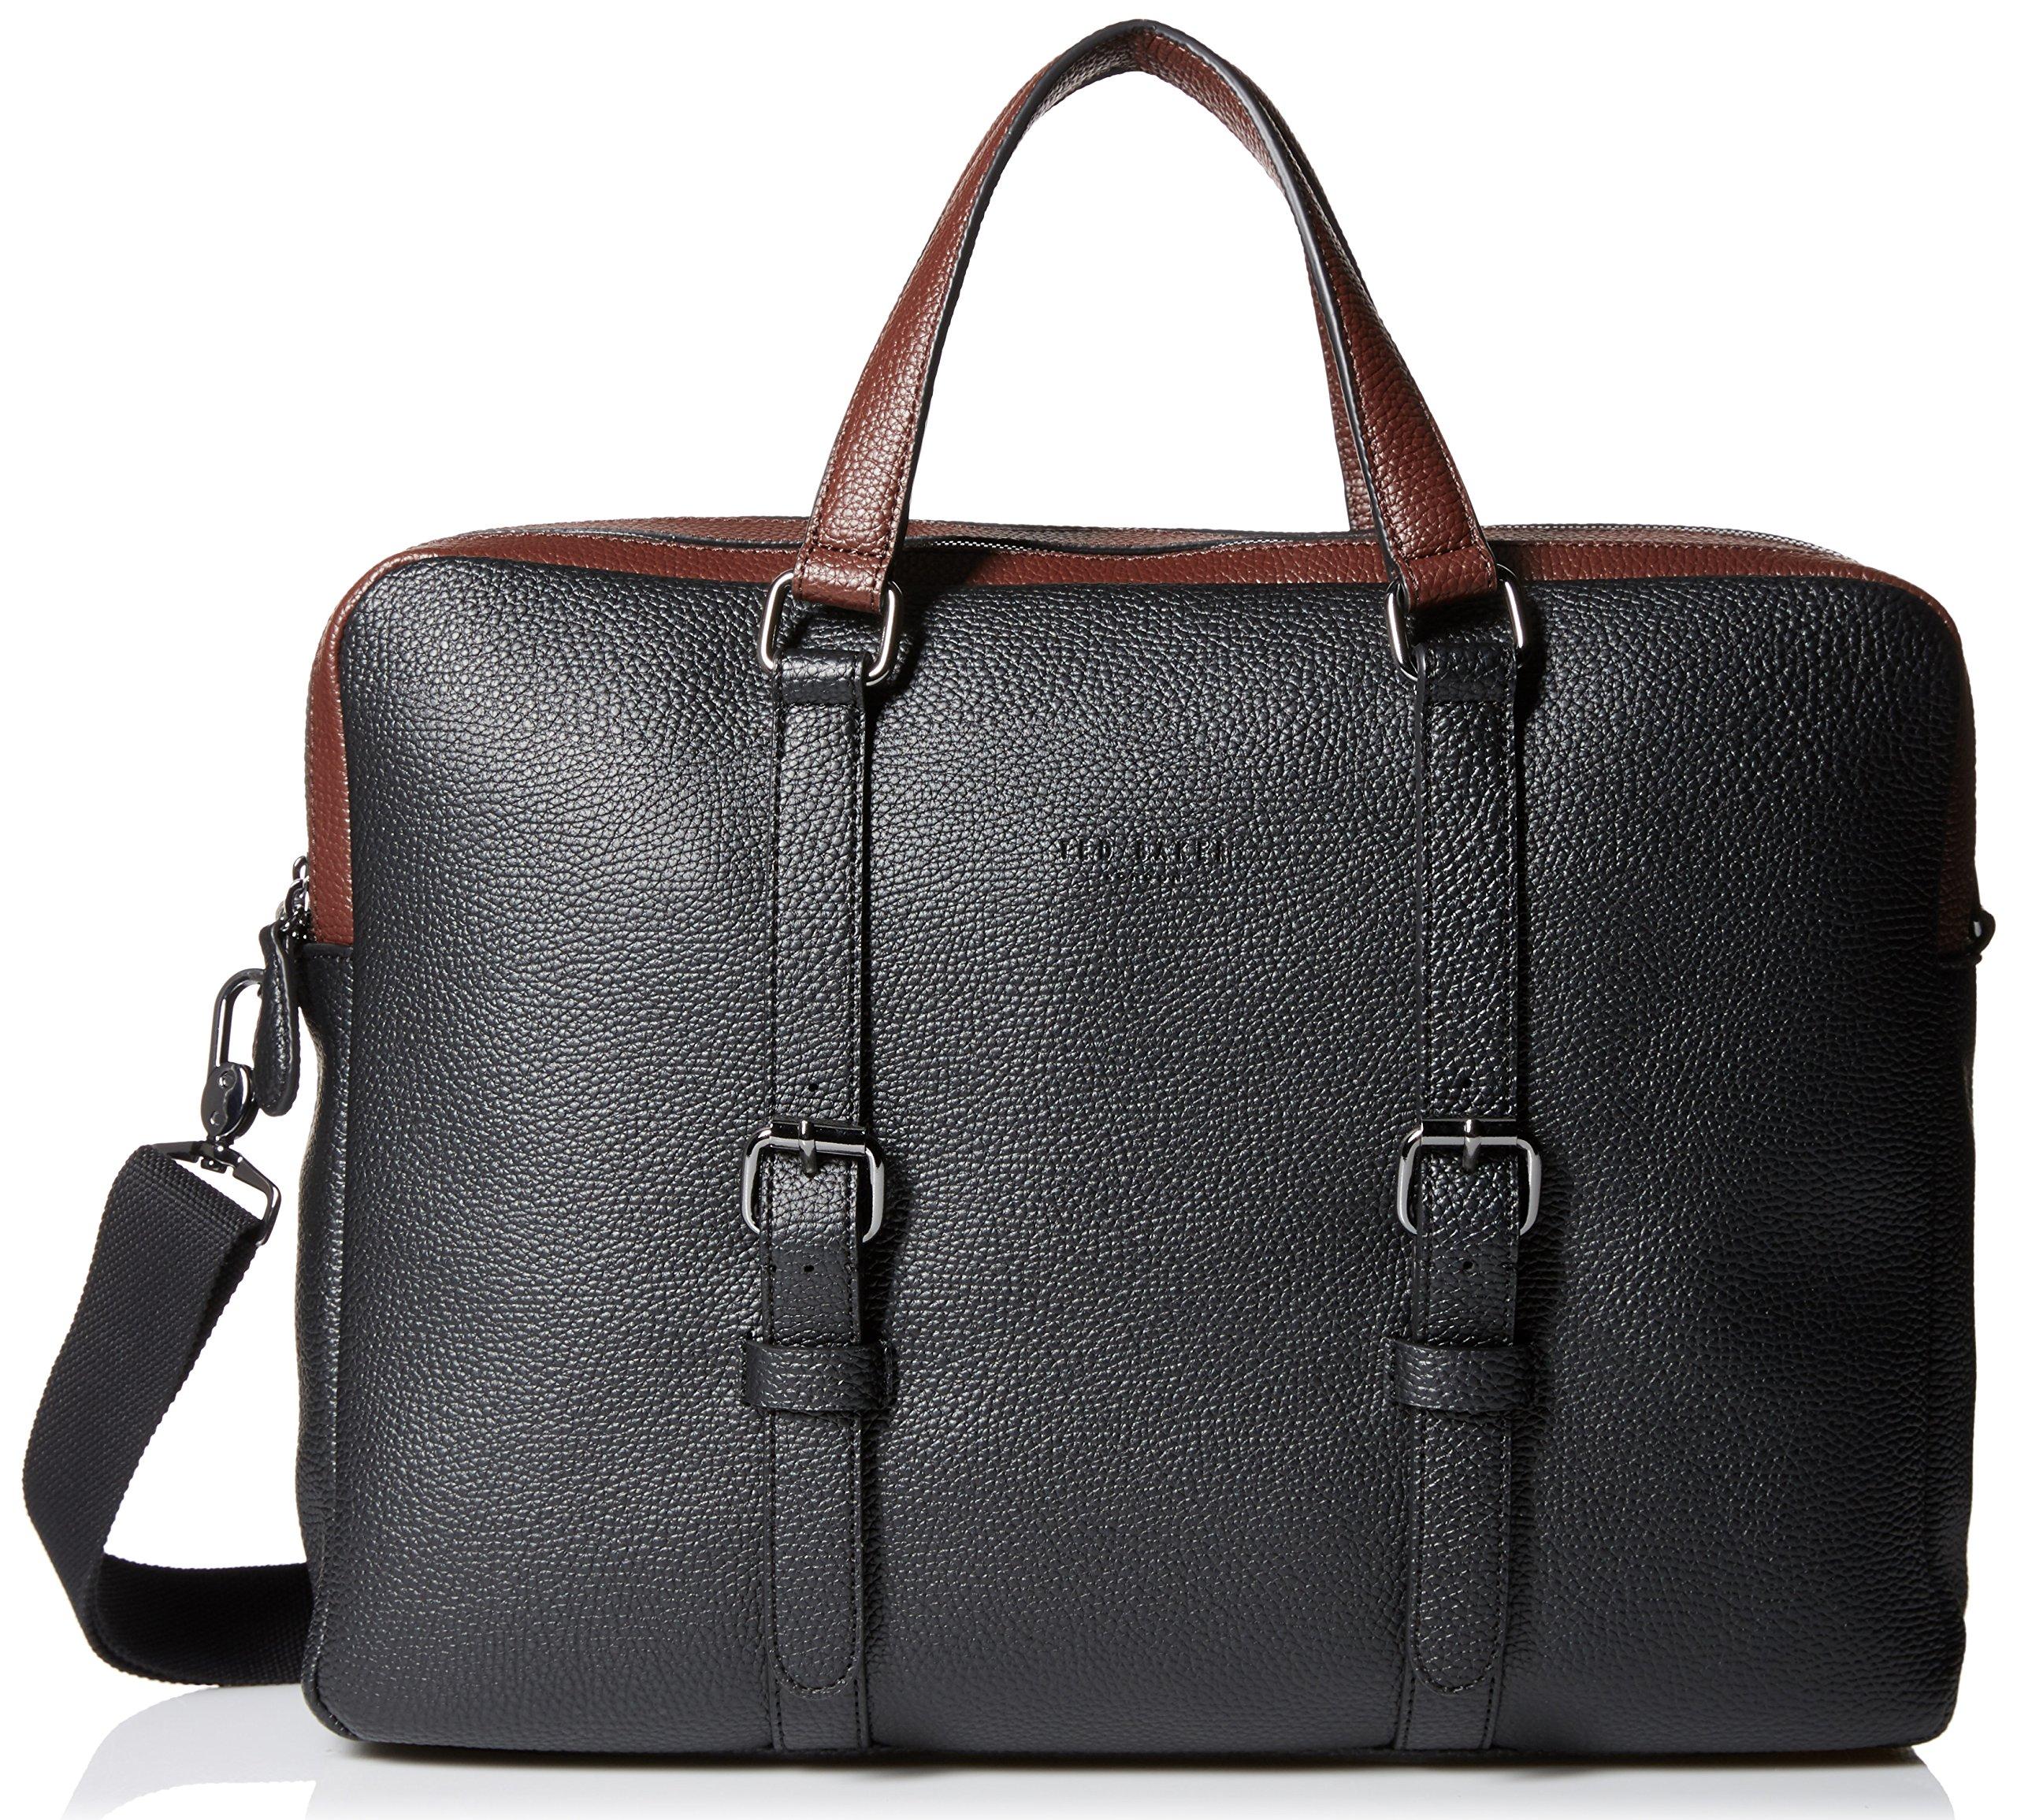 Ted Baker Men's Alvaro Bag, Black